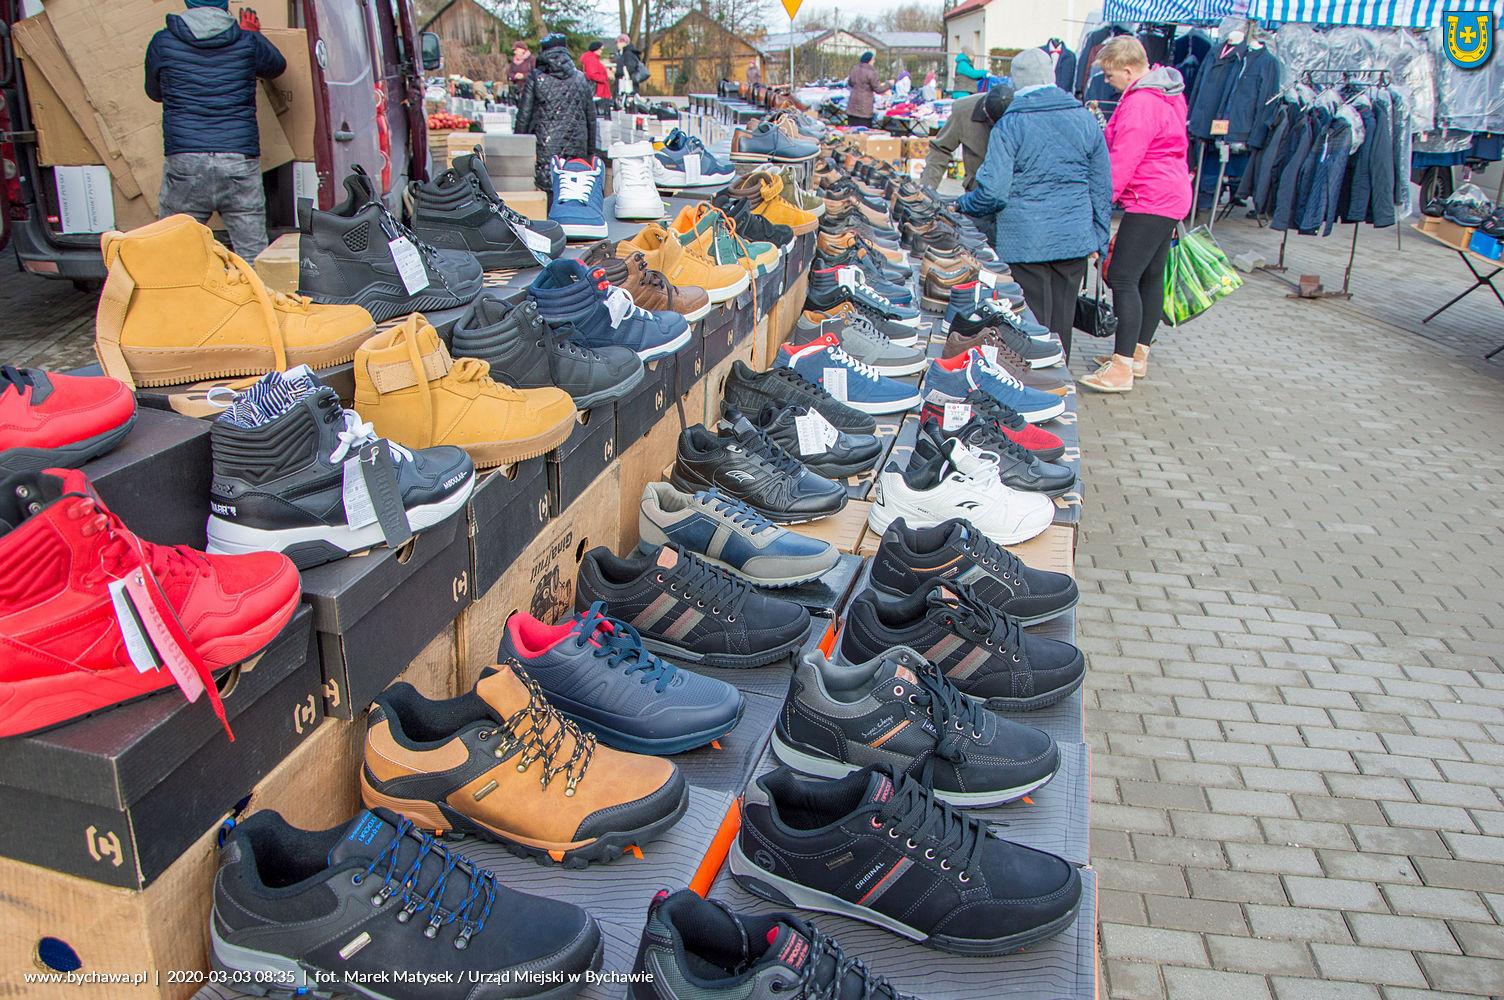 """Urząd Miejski w Bychawie informuje, że z dniem 5 maja 2020 r. zostaje wznowiony handel na Targowisku Miejskim """"Mój Rynek"""" w Bychawie."""